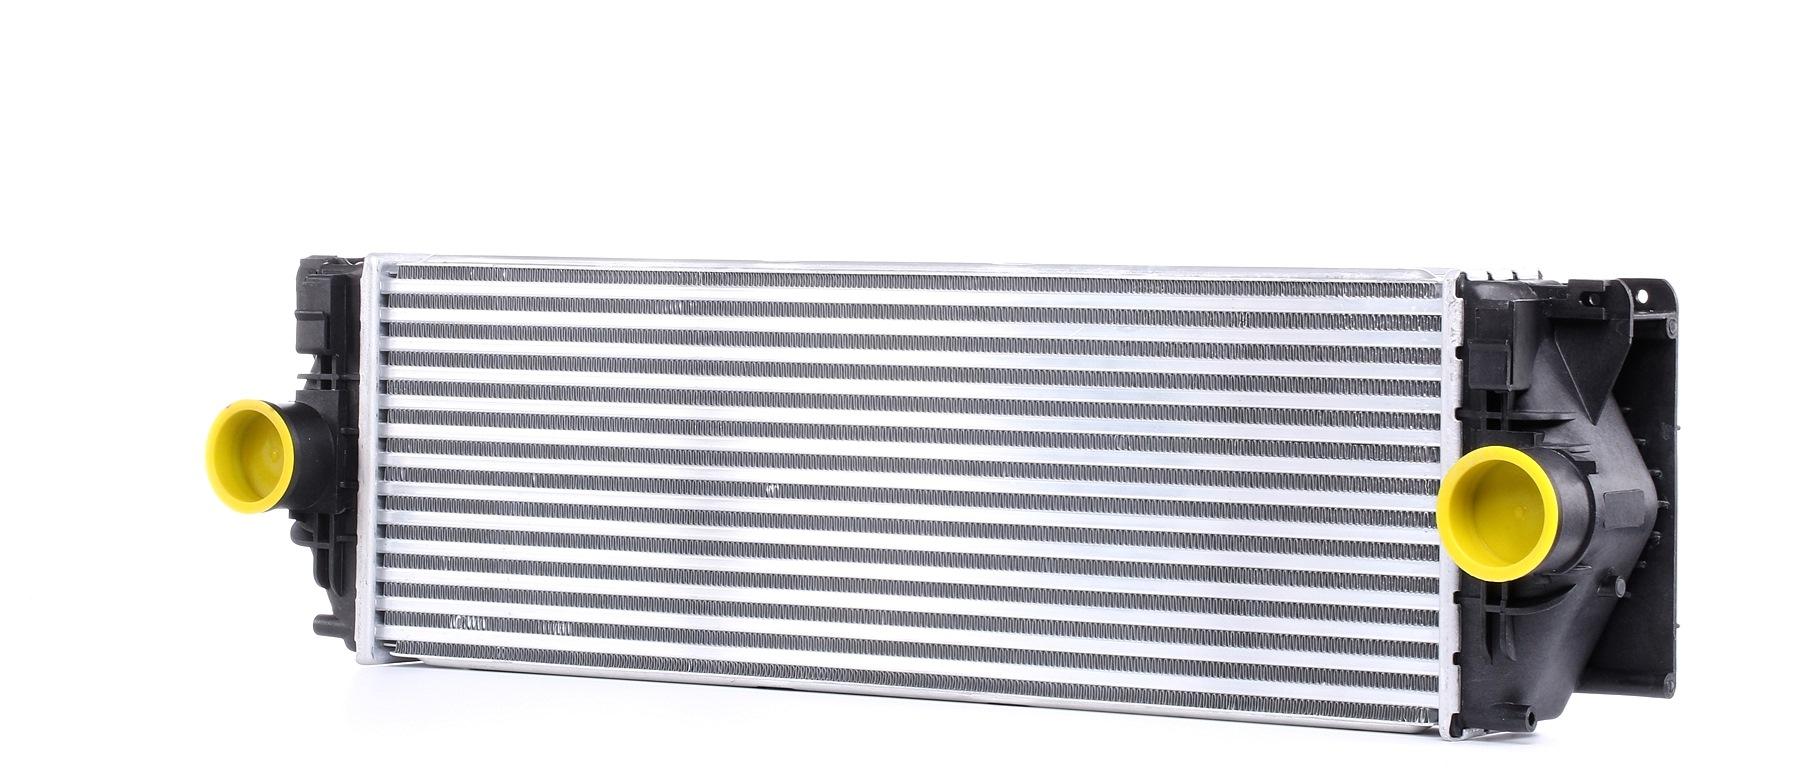 ridex Intercooler MERCEDES-BENZ 468I0040 2E0145804,68013636AA,68014095AA Interkoeler, tussenkoeler 9065010101,9065010301,A9065010101,A9065010301